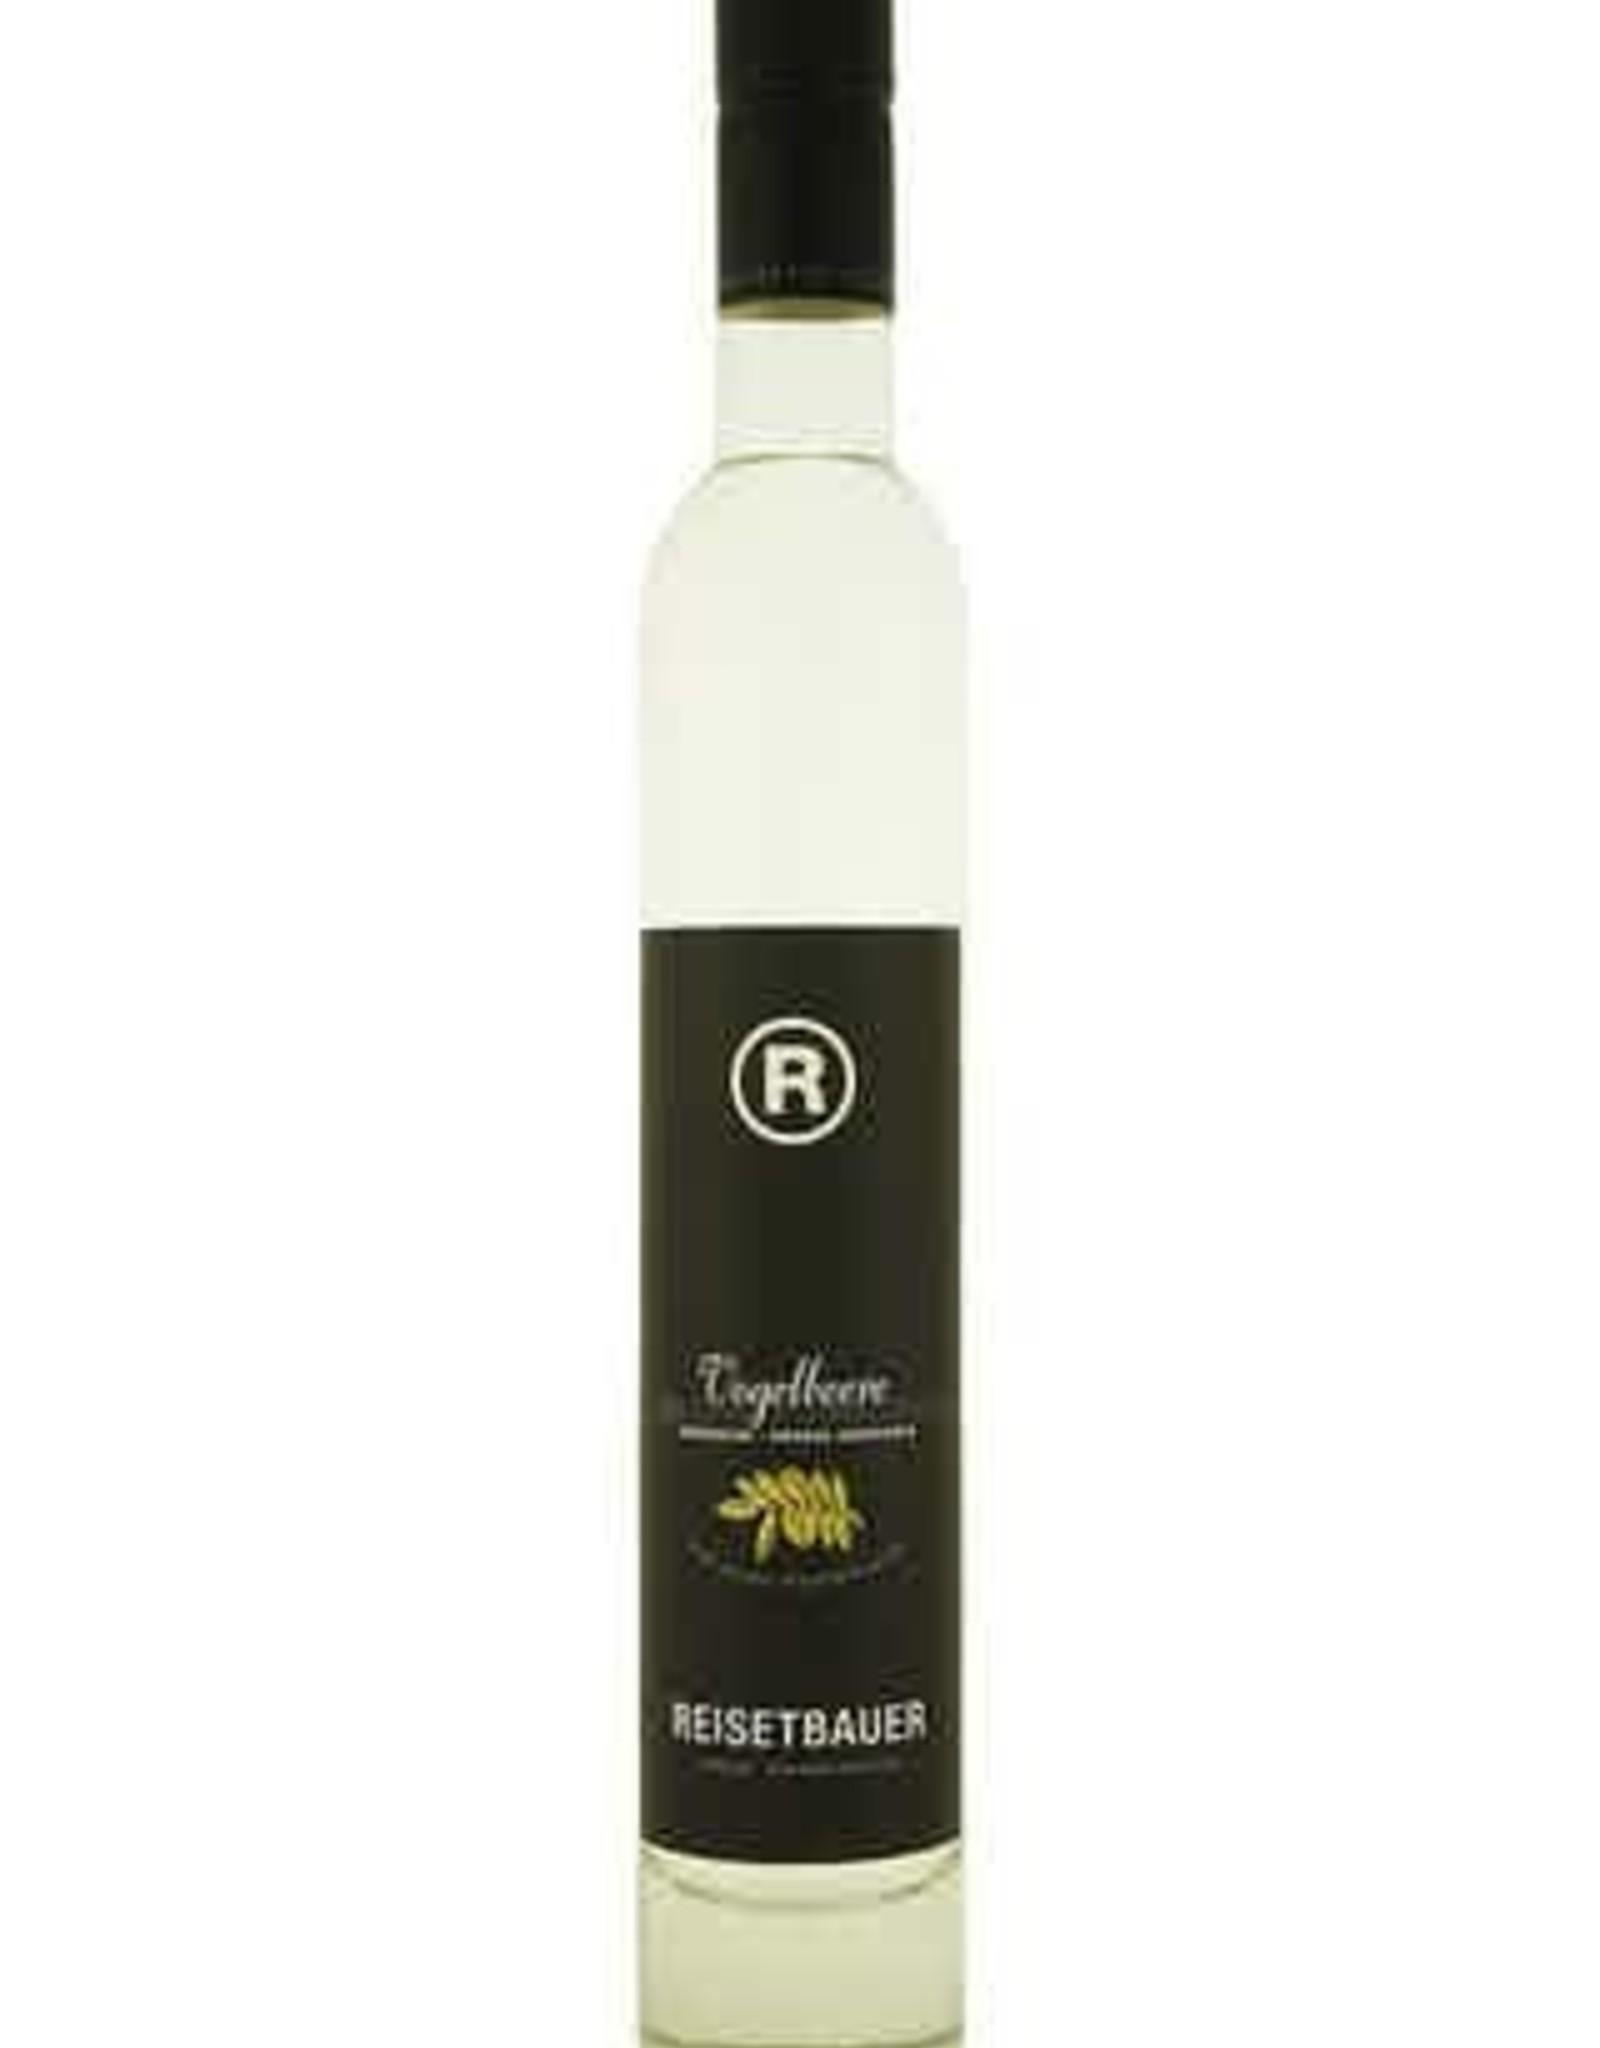 Rowanberry Eau de Vie, Reisetbauer (375 ml)